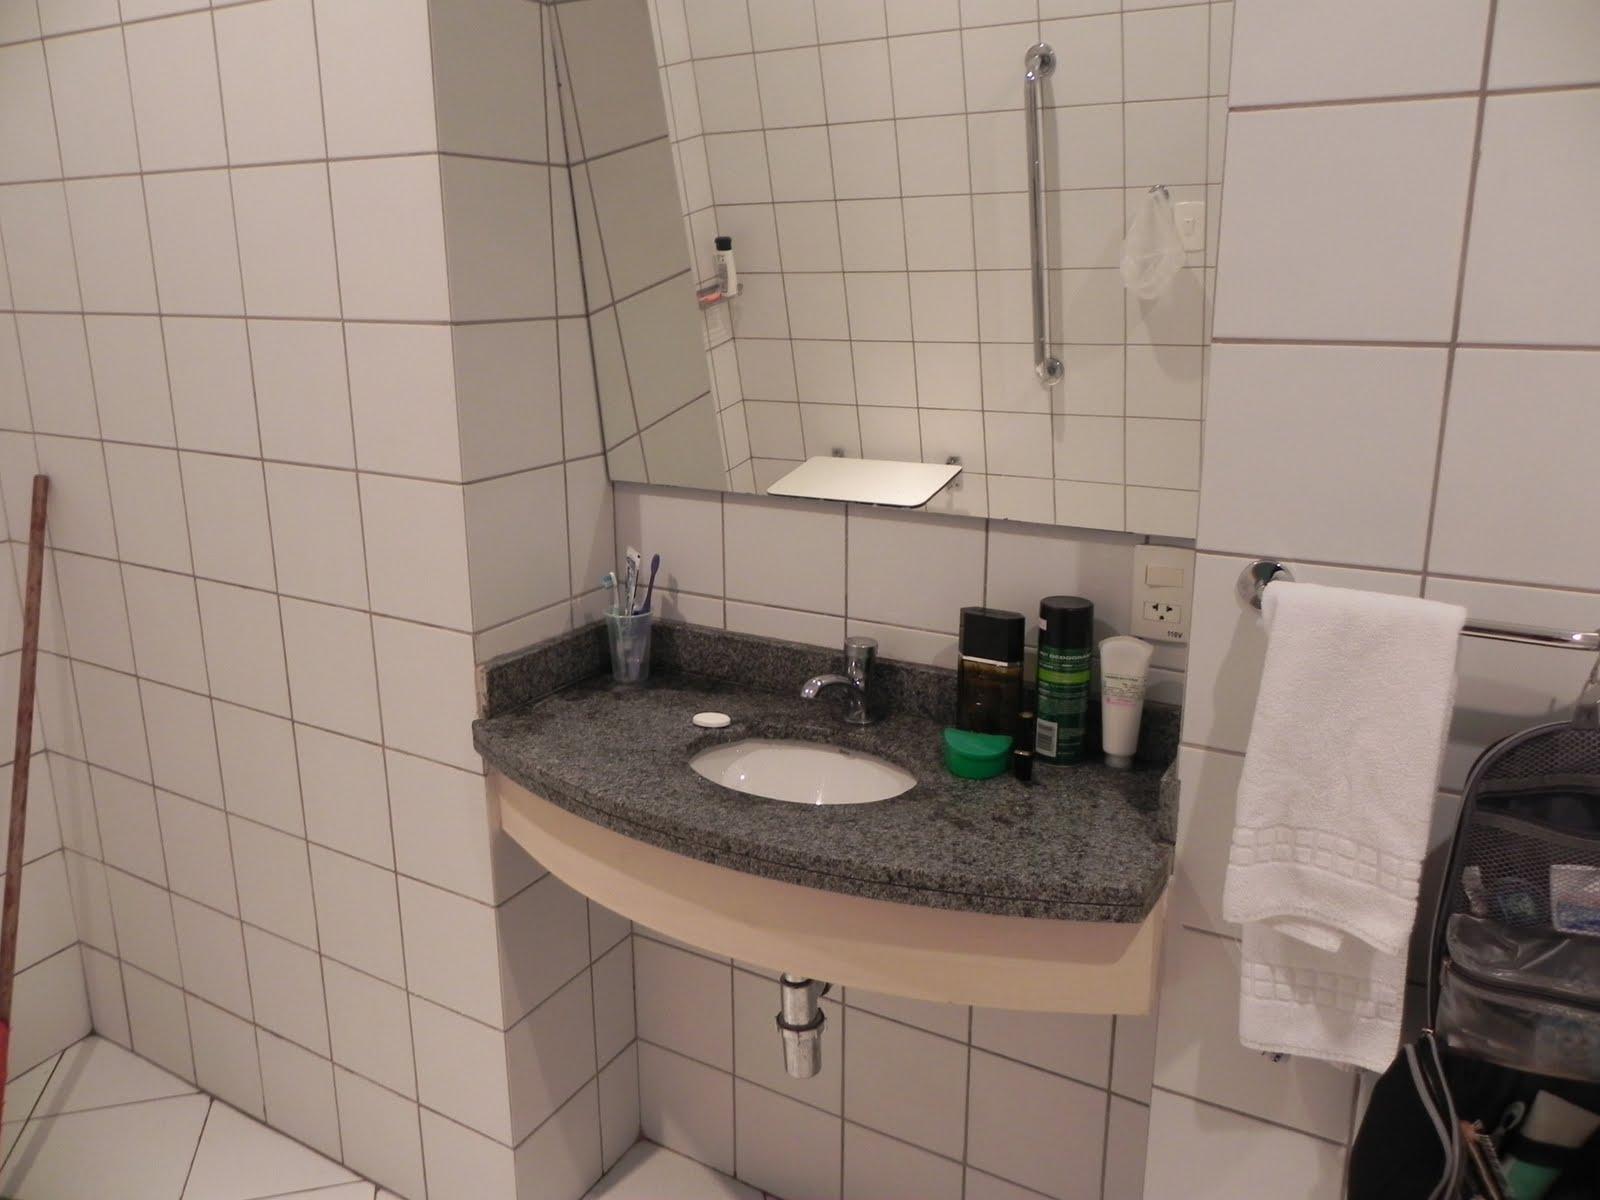 Acessibilidade na Prática: Banheiro acessível Go Inn Jaguaré  #20613C 1600x1200 Acessibilidade Idosos Banheiro